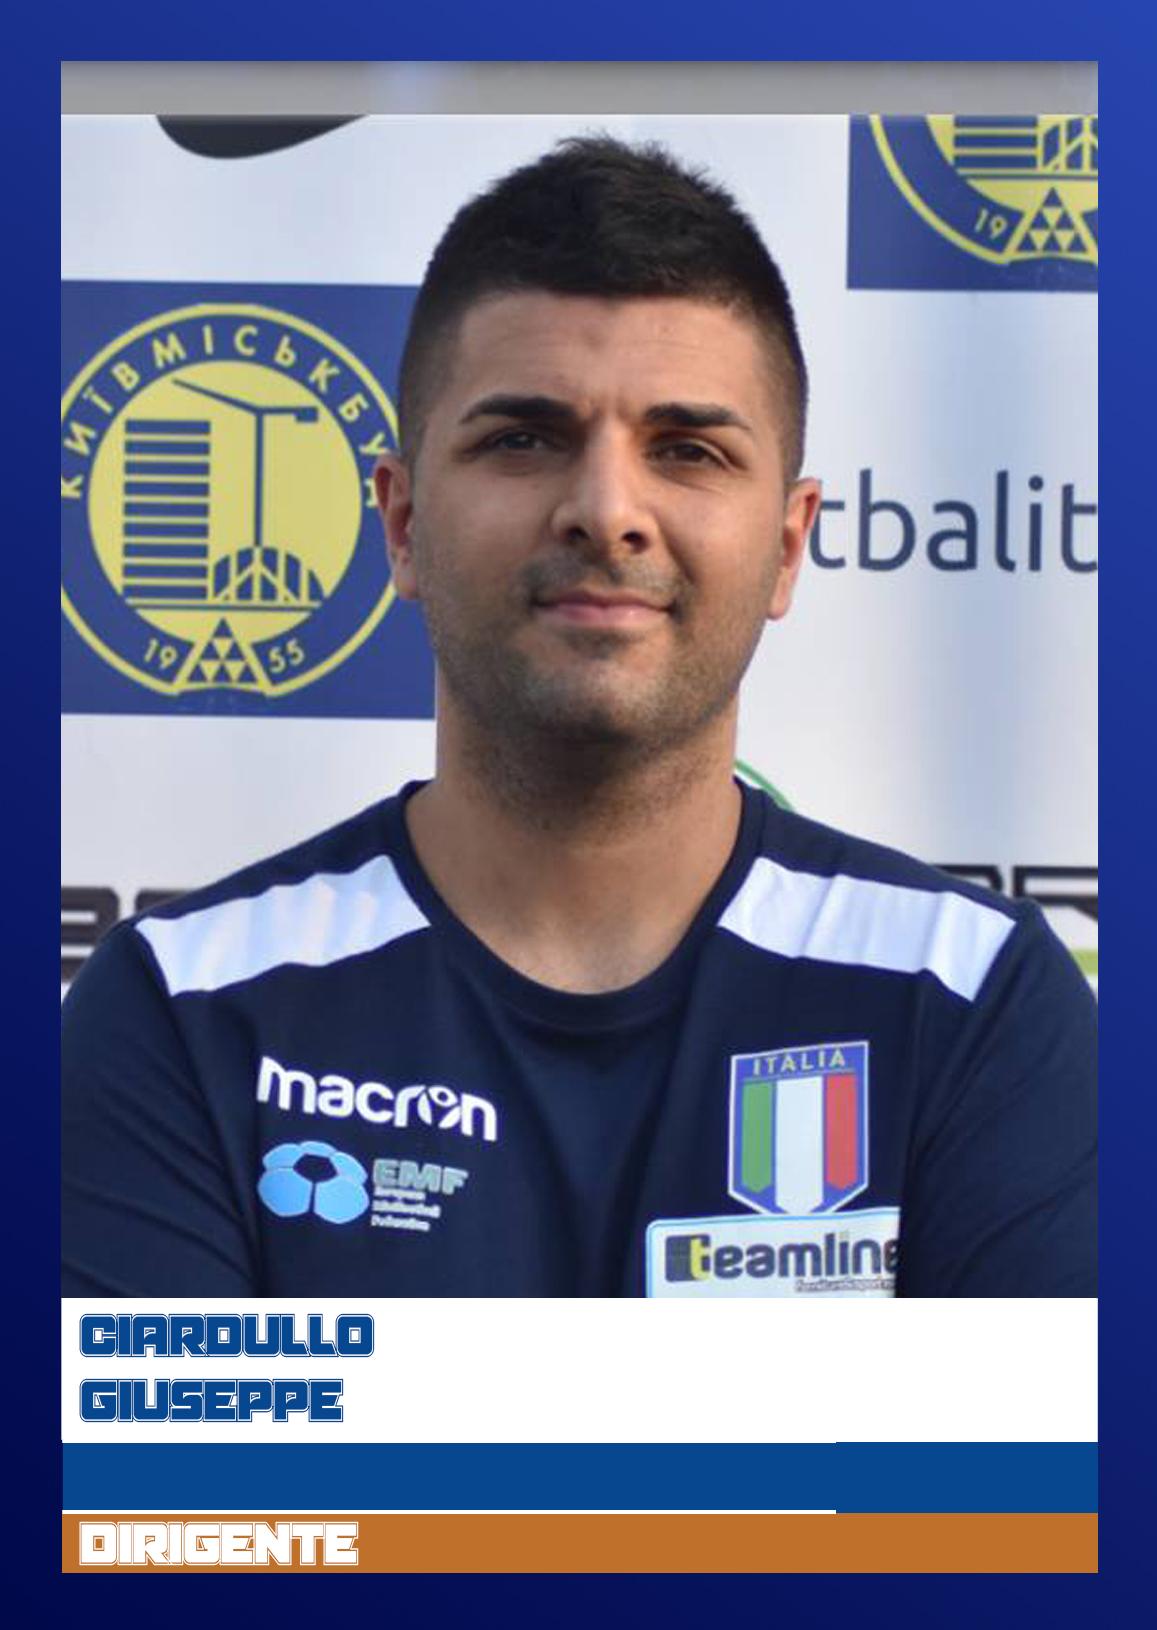 Giuseppe Ciardullo